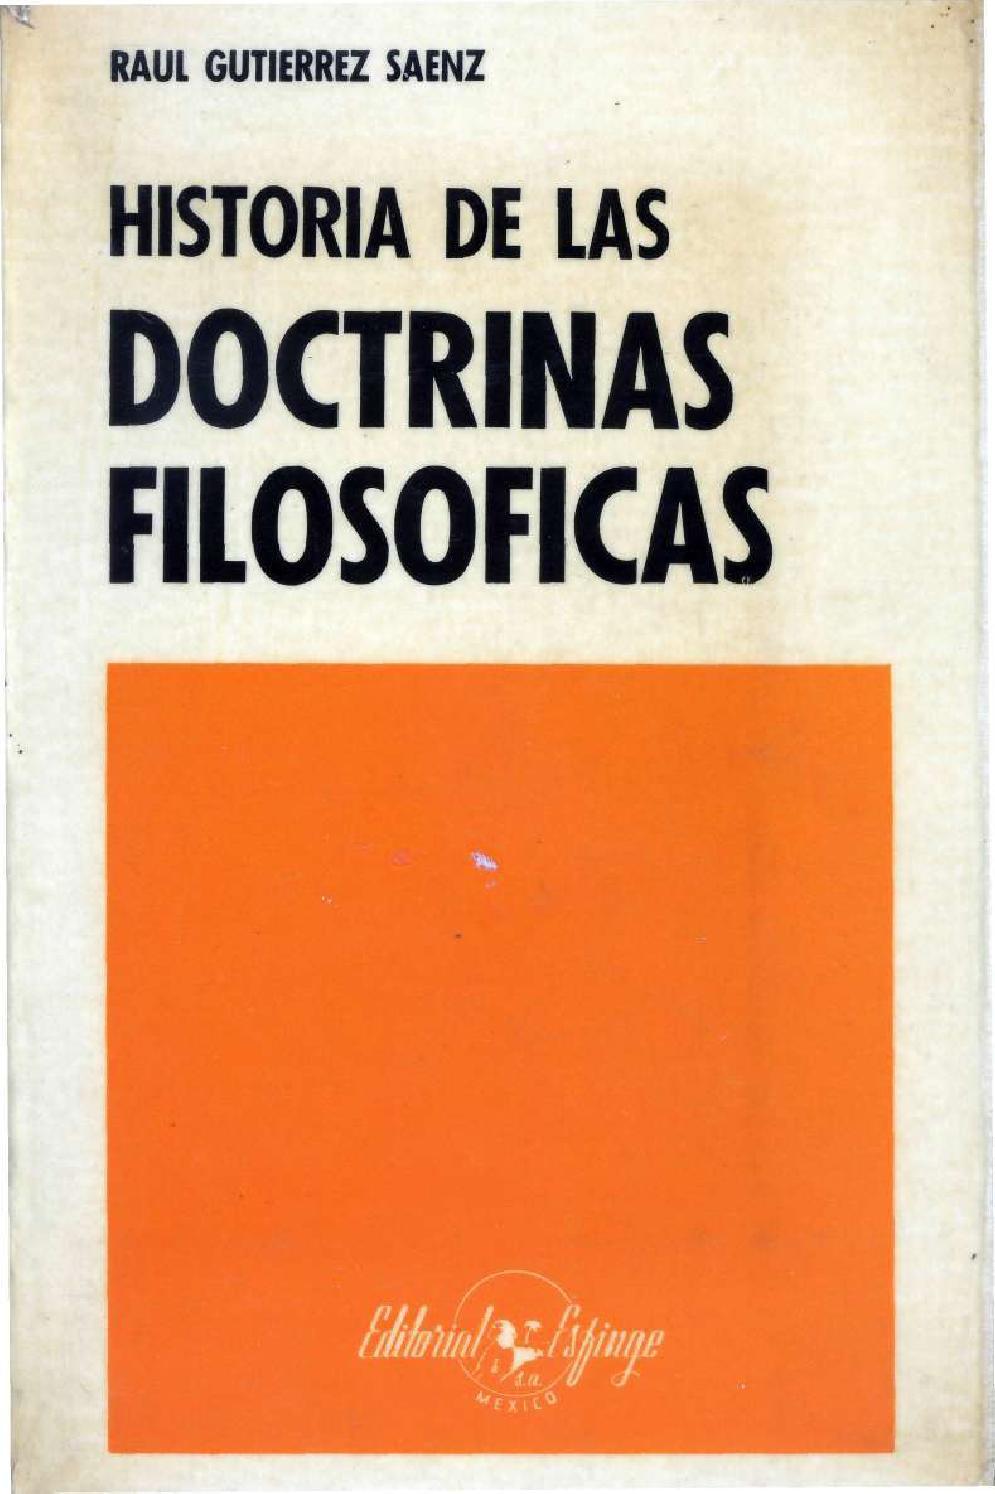 Historia De Las Doctrinas Filosoficas 140311202618 Phpapp01